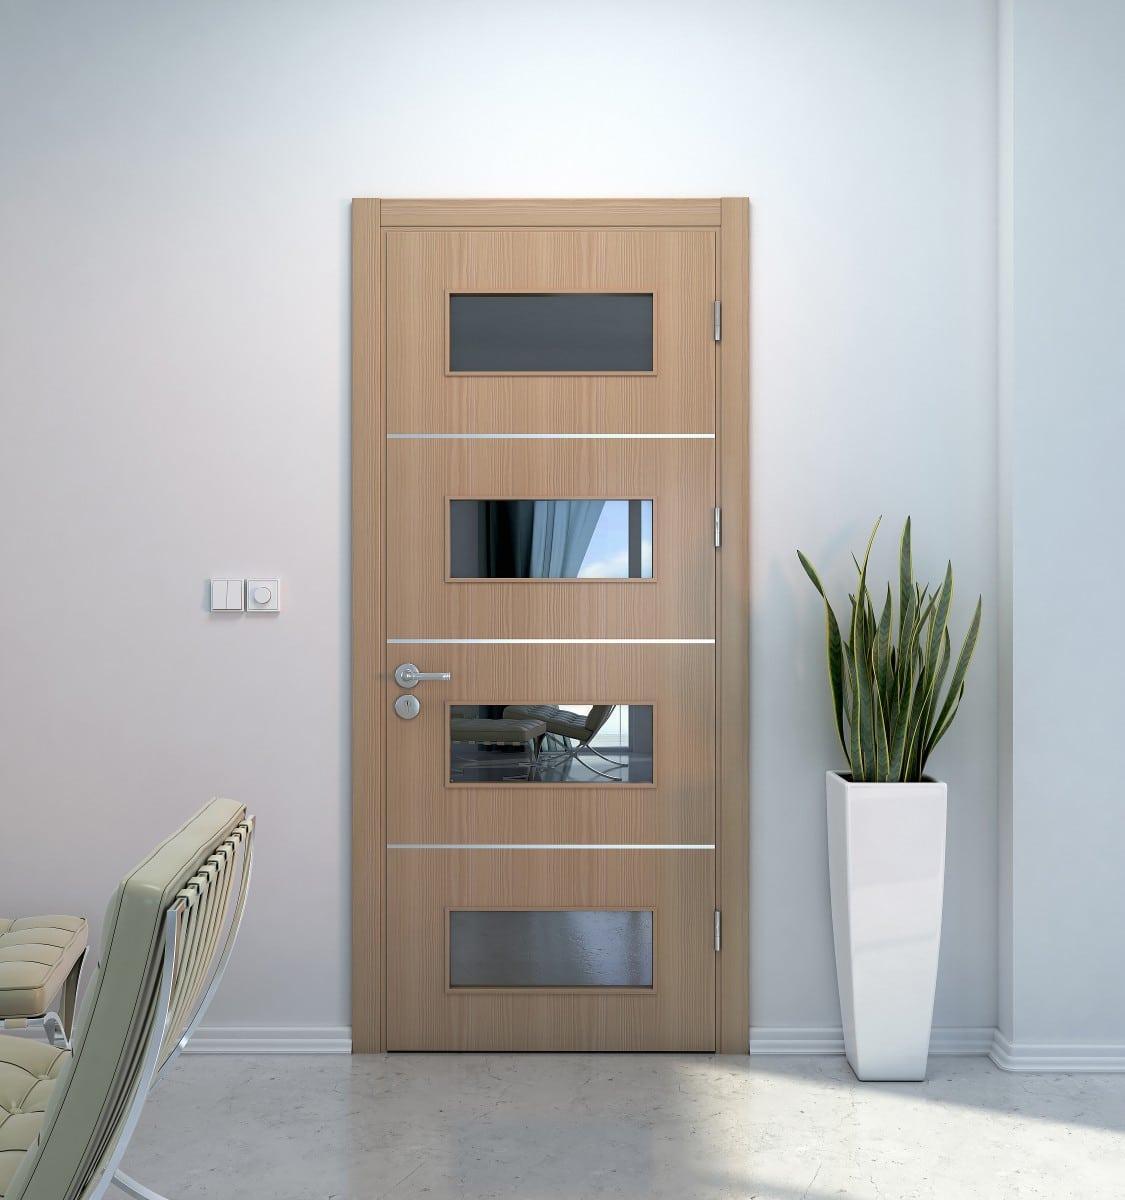 Porte intérieure avec un oculus horizontal miroir ainsi que 3 inserts en aluminium